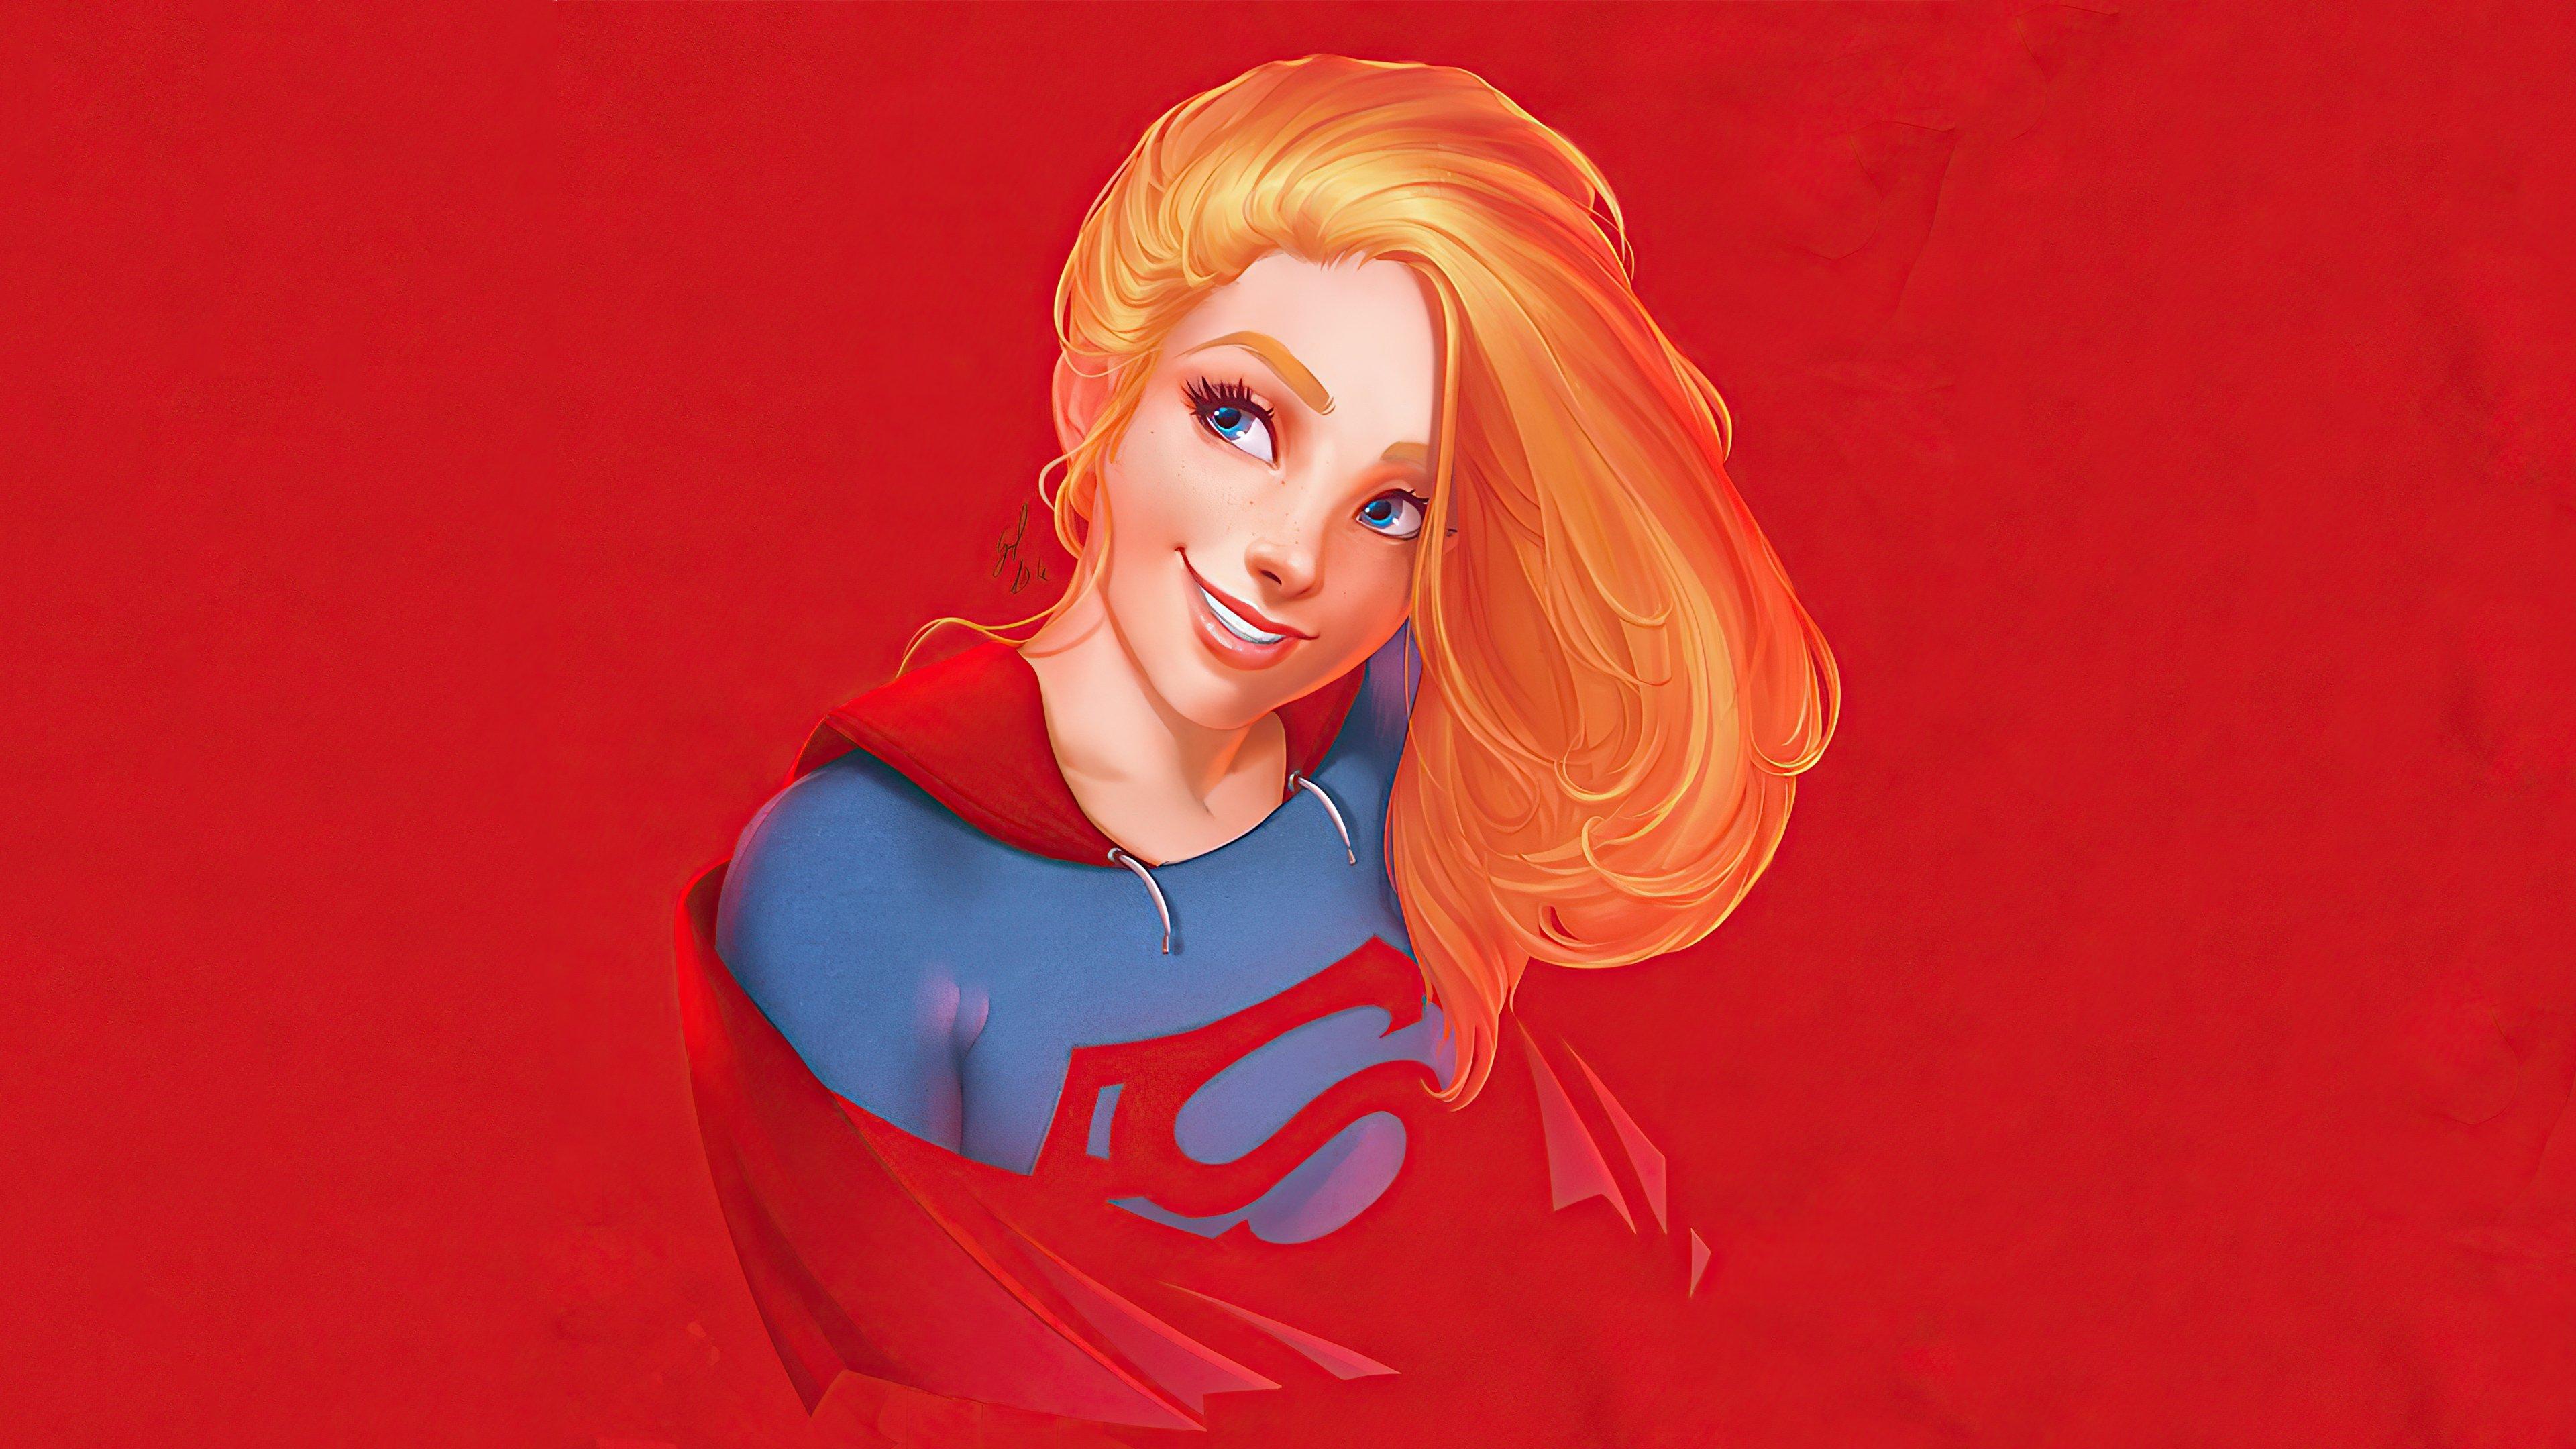 Fondos de pantalla Supergirl sonriendo Fanart